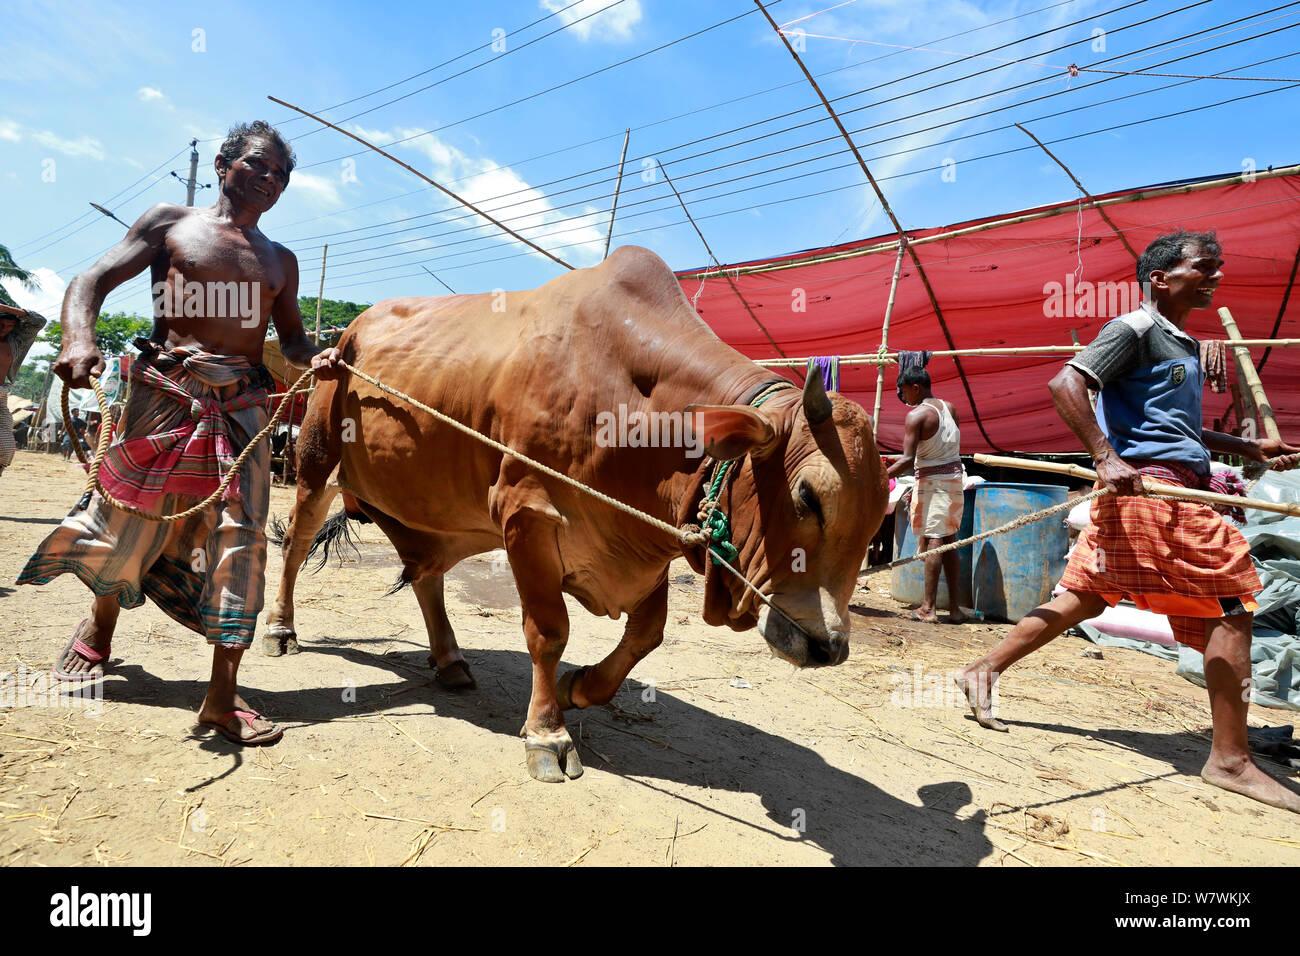 Dhaka, Bangladesh - July 06, 2019: Bangladeshi traders